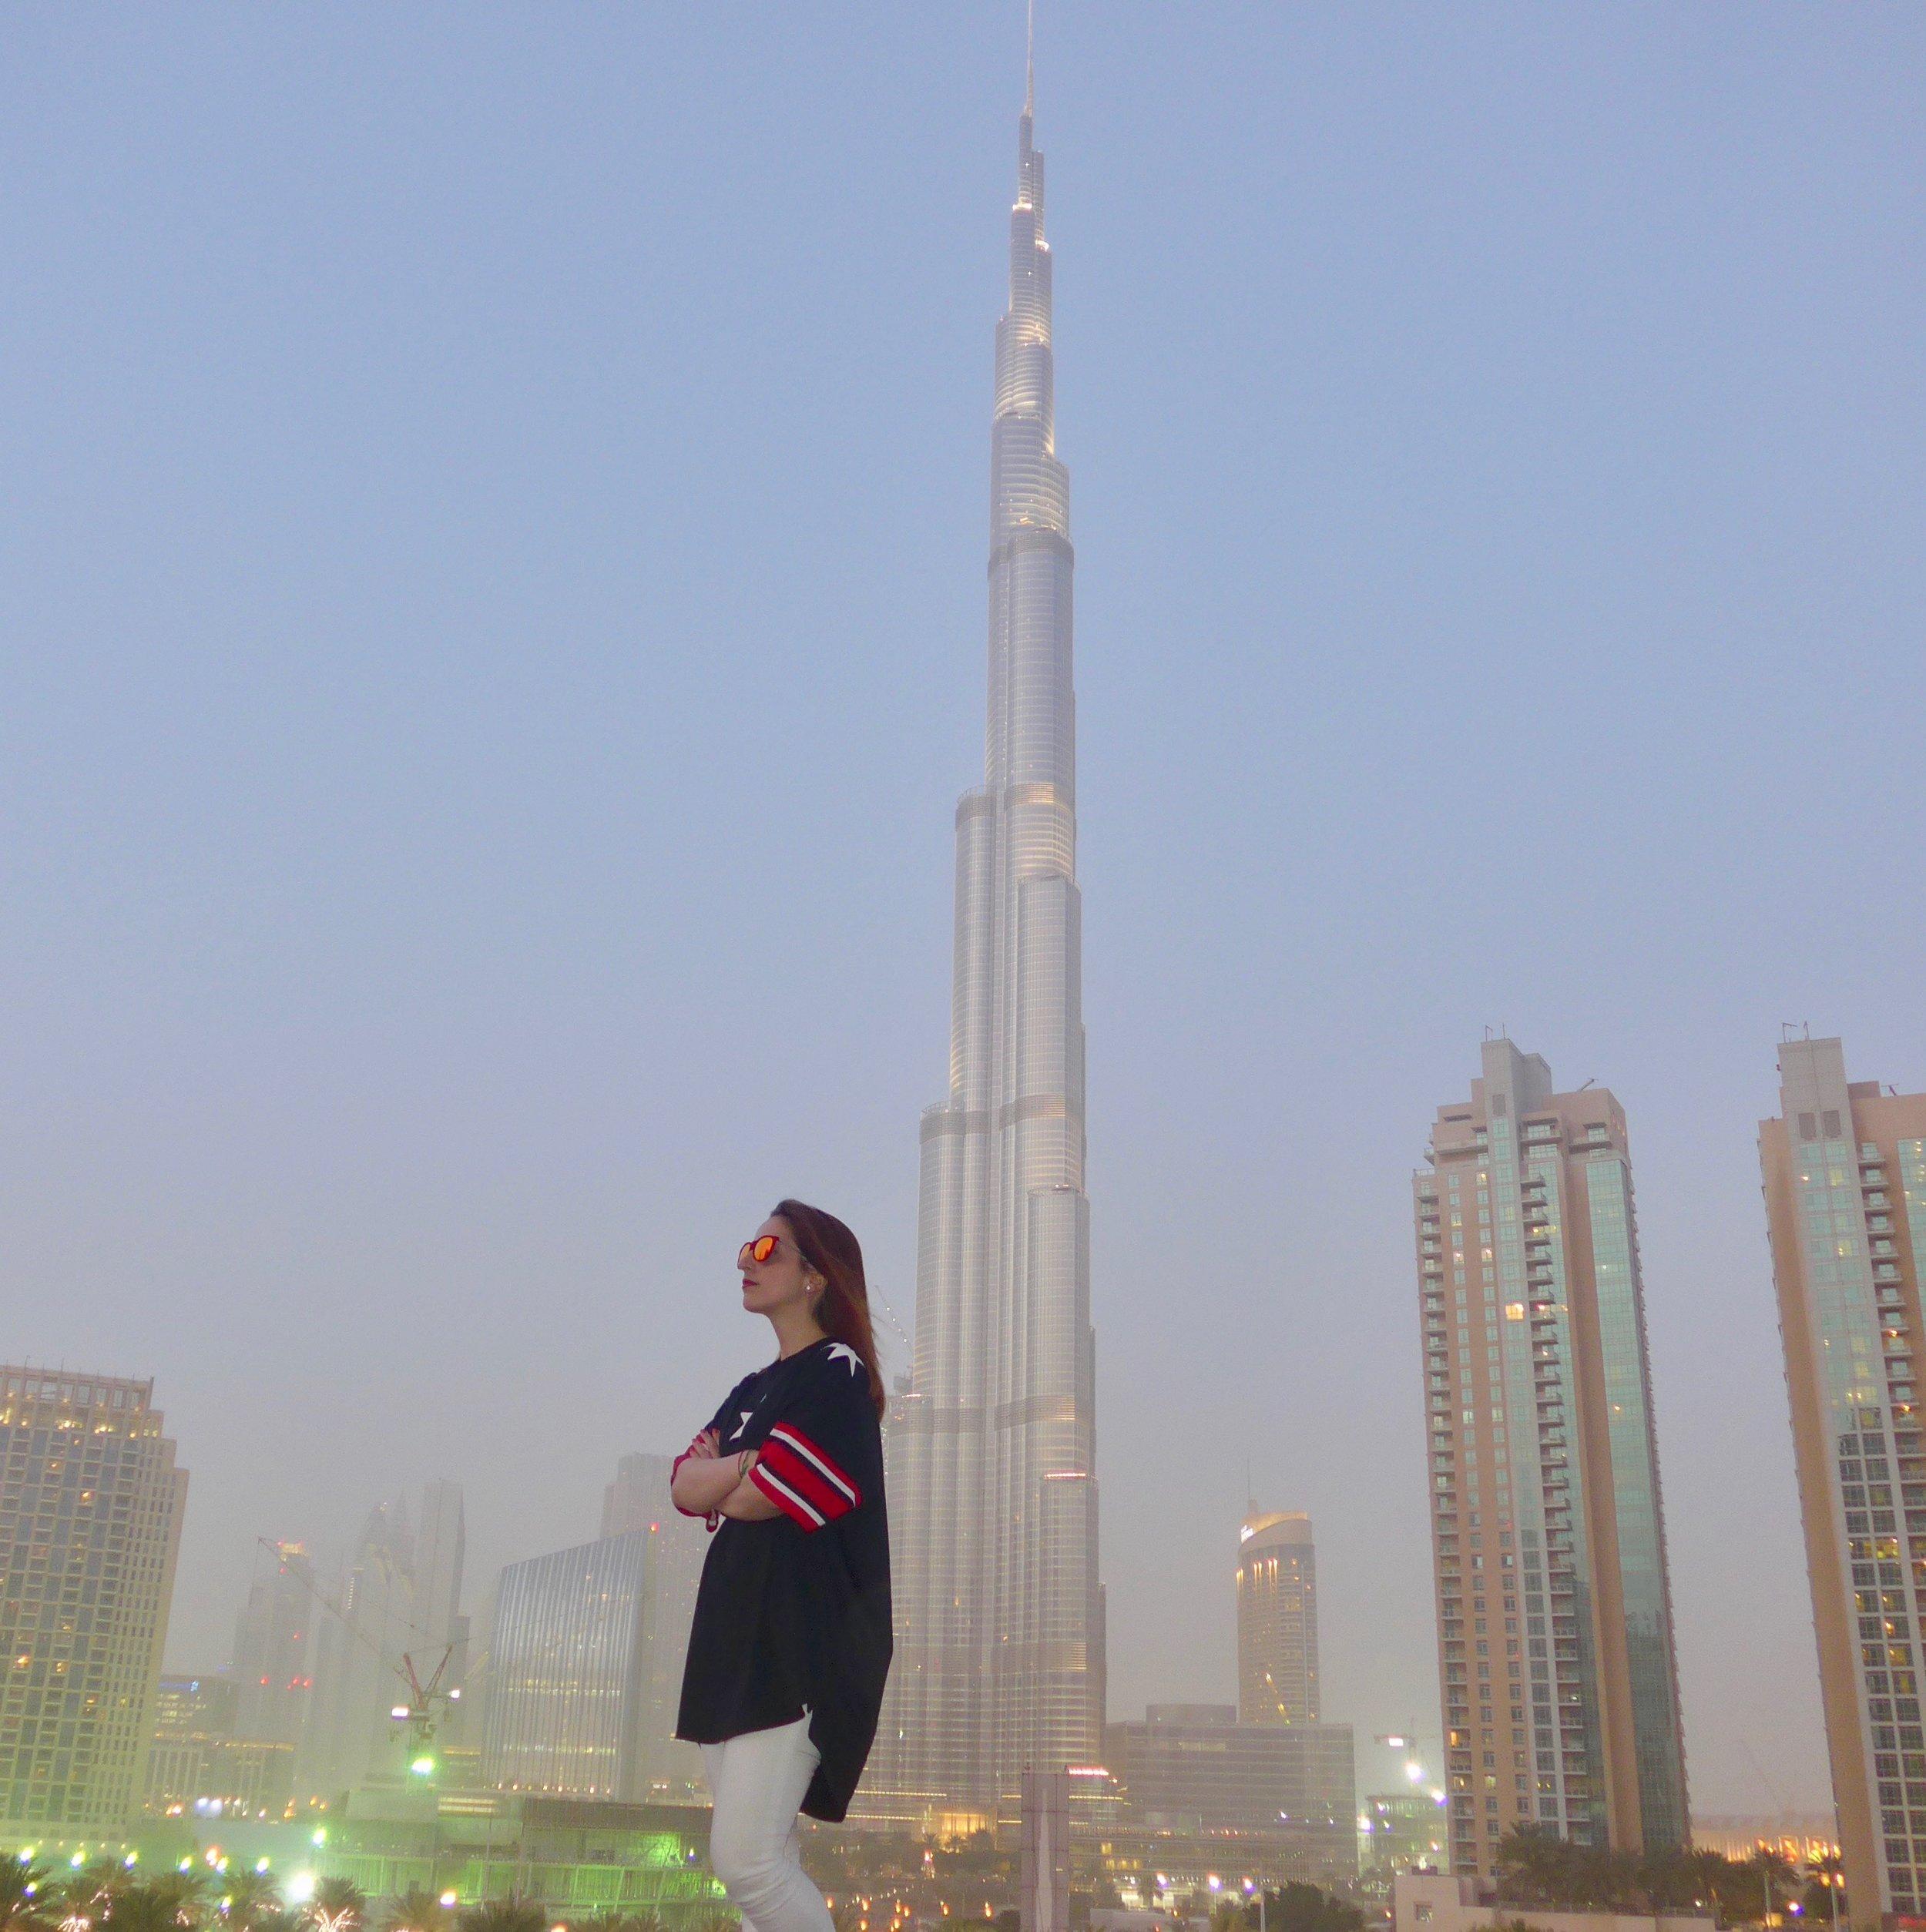 BURJ KHALIFA • DUBAI, UAE PHOTOGRAPHER: KHALID